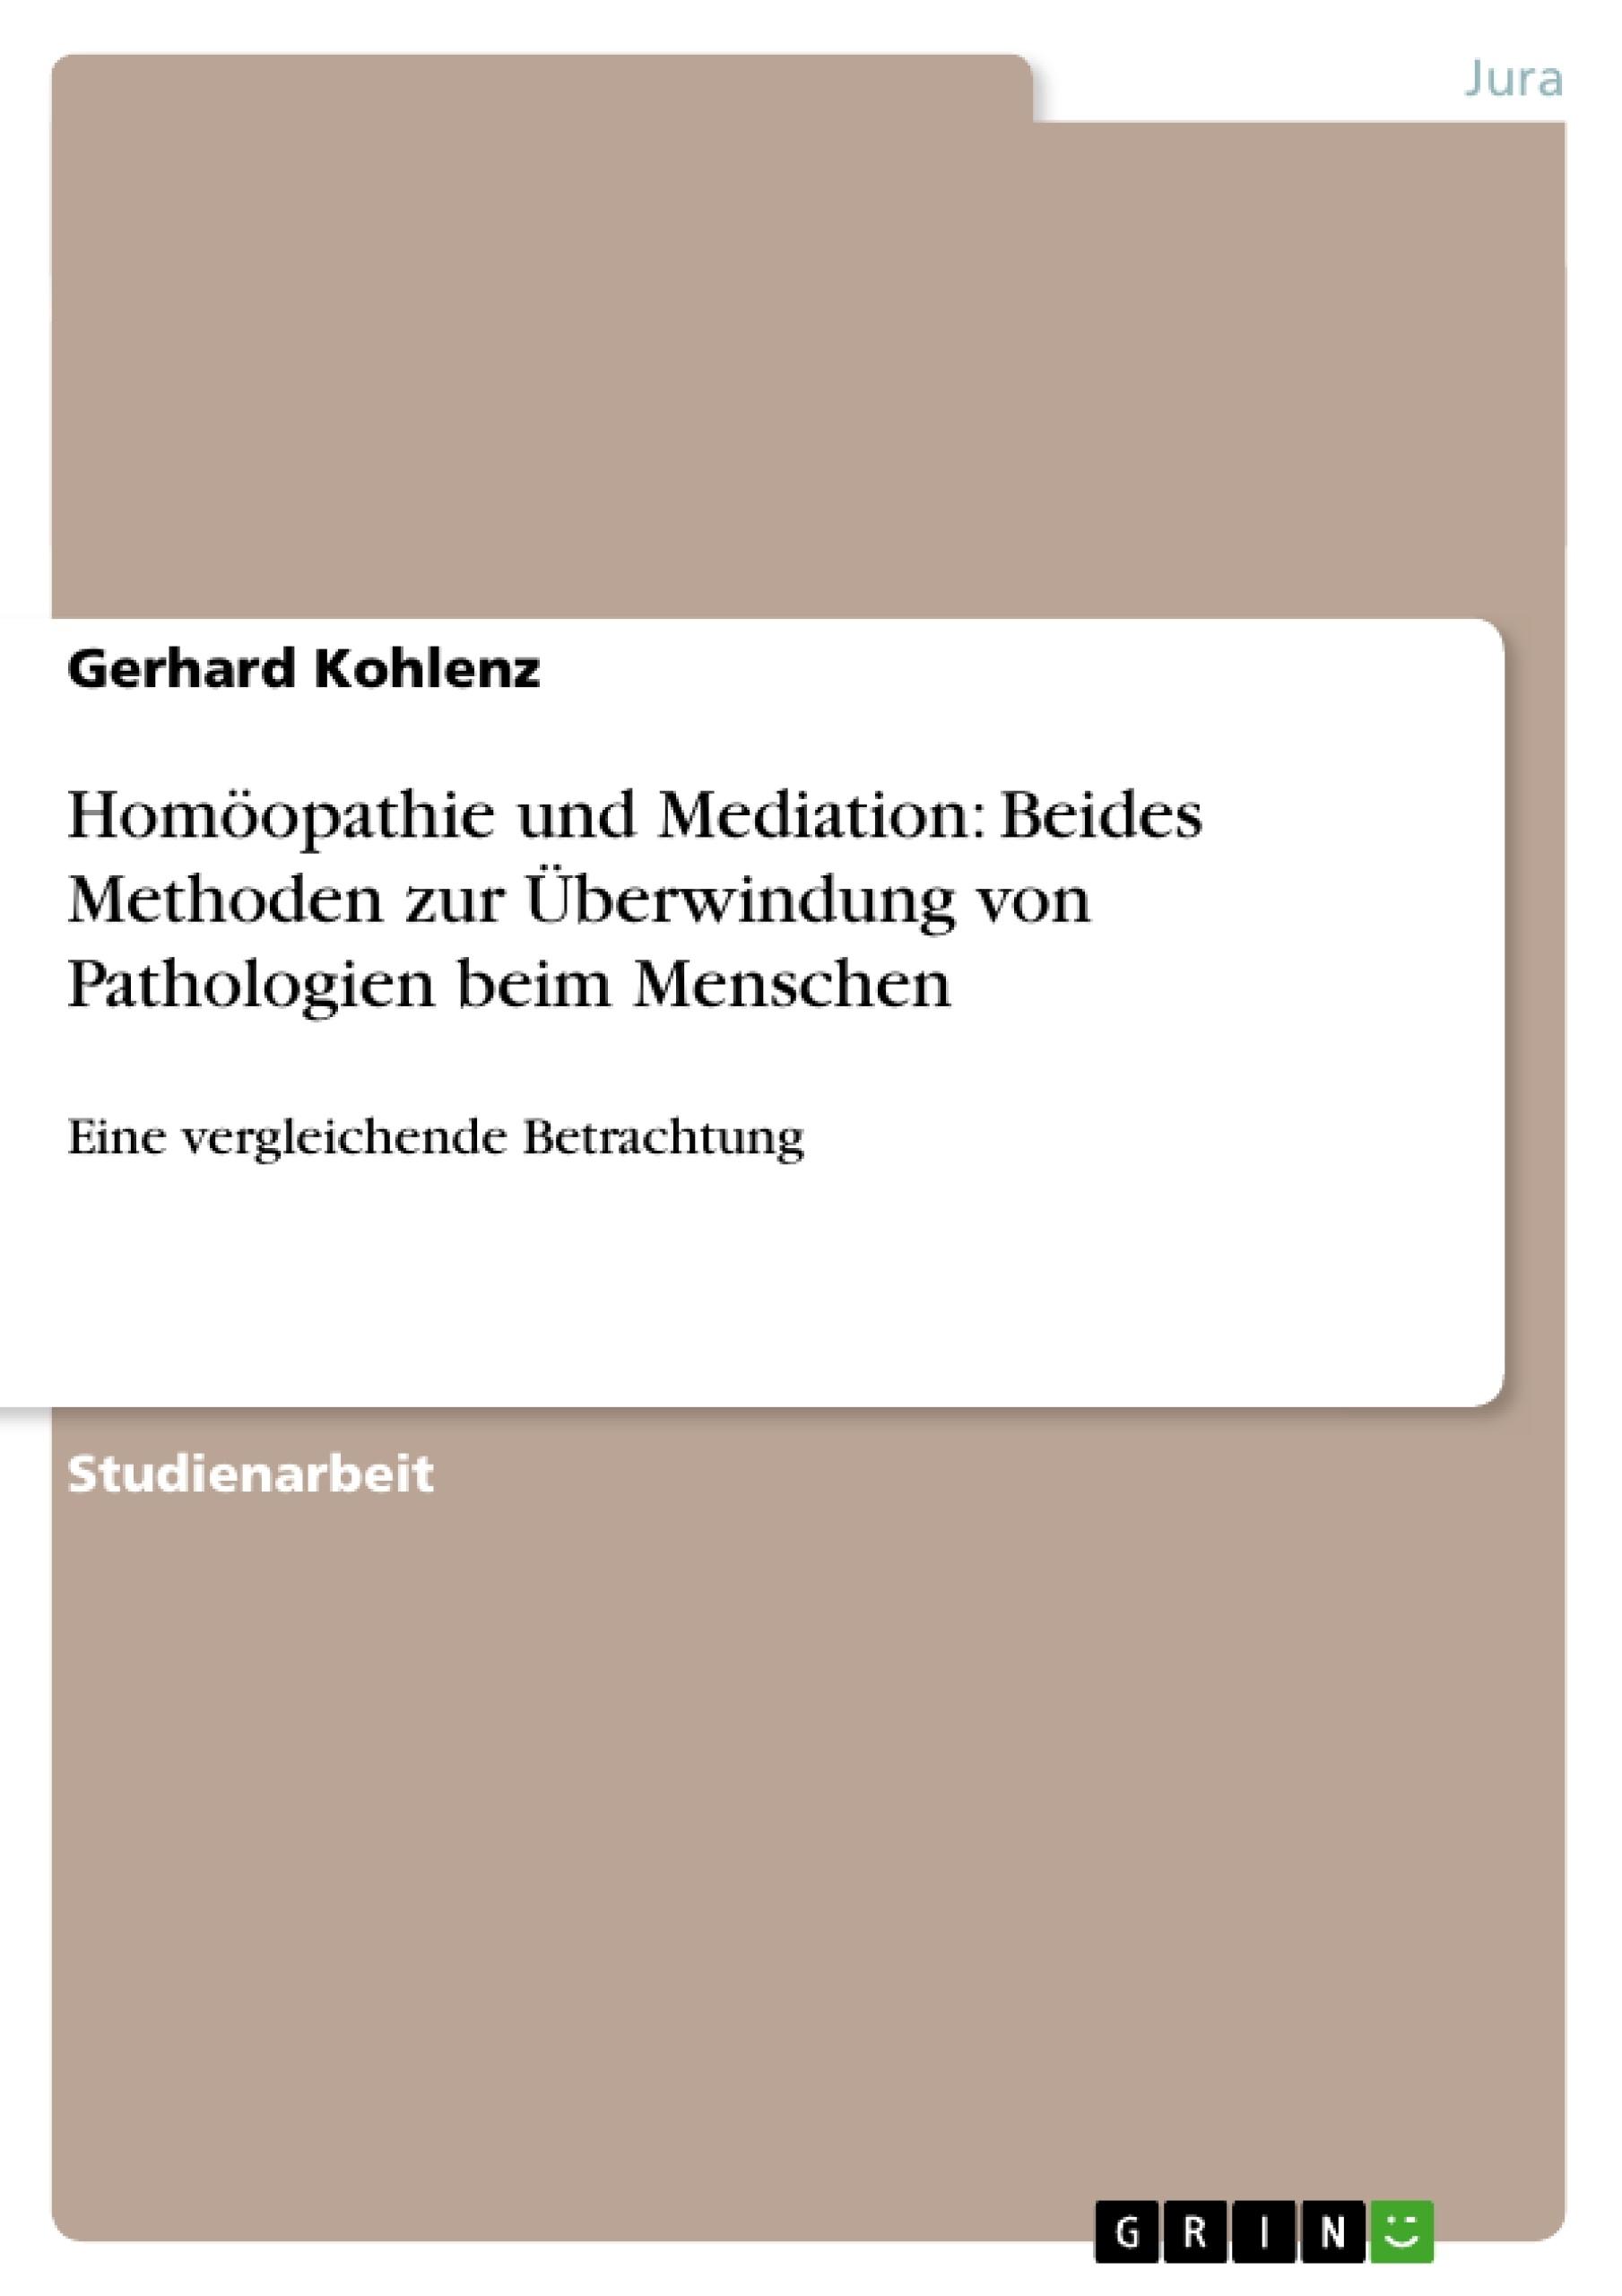 Titel: Homöopathie und Mediation: Beides Methoden zur Überwindung von Pathologien beim Menschen